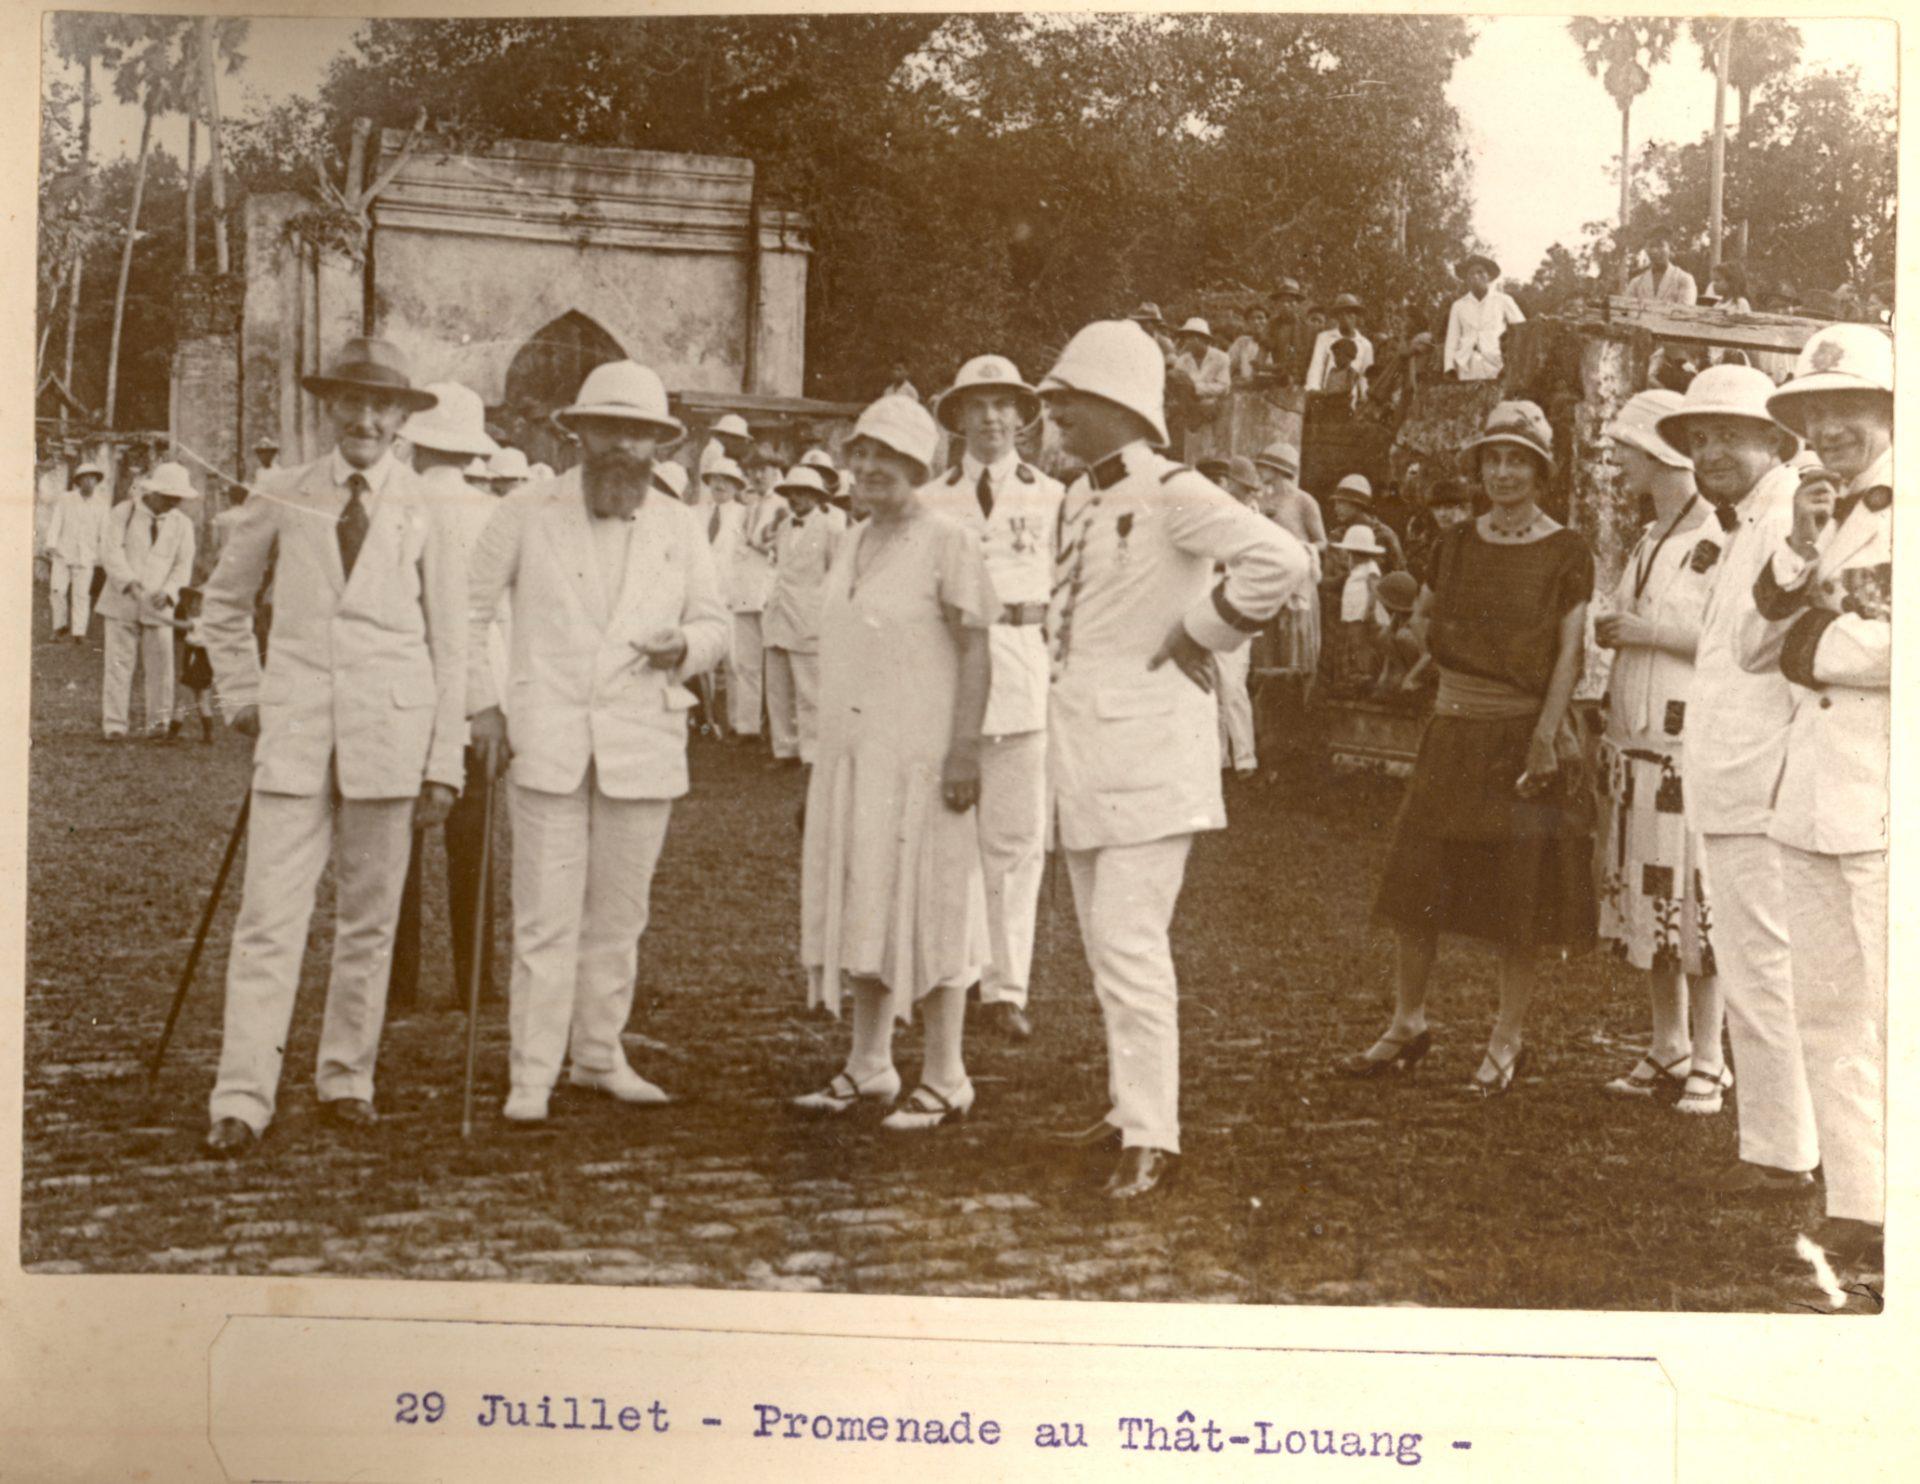 Album de voyage au Laos du Gouverneur Général Alexandre Varenne - 29 Juillet 1927, promenade au Thât-Louang